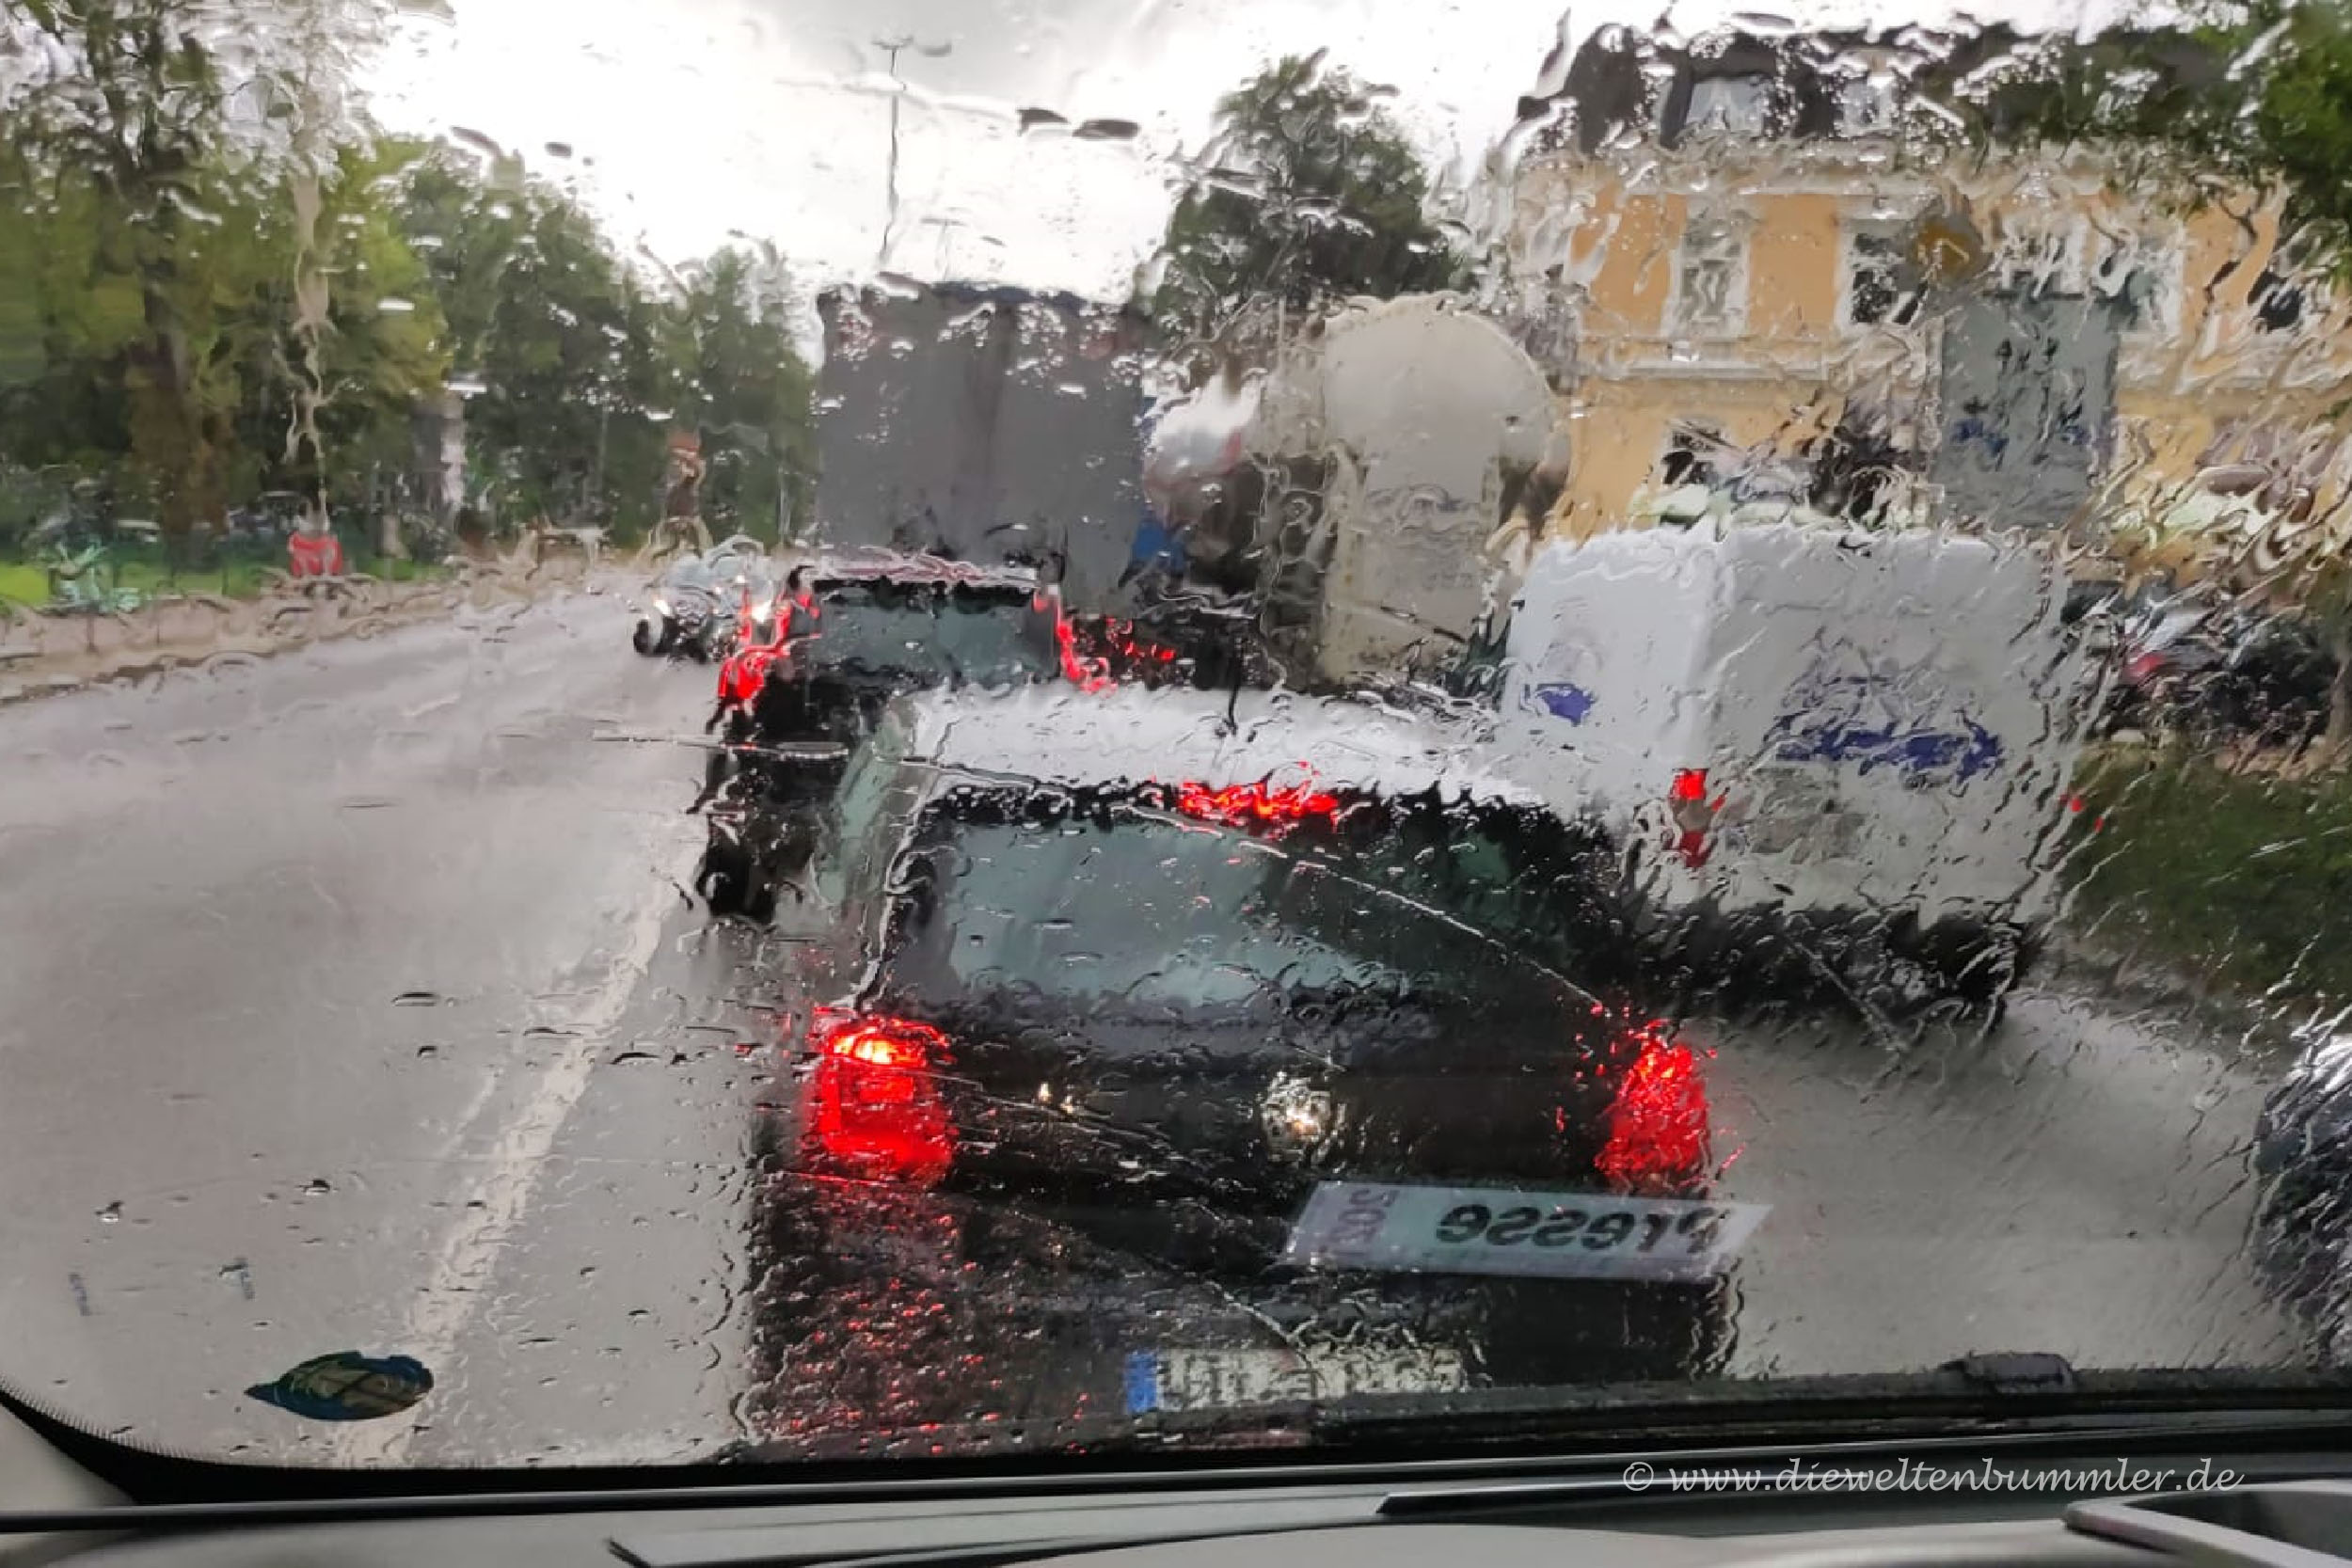 Stau und Regen gleichzeitig sind dann irgendwann zu viel